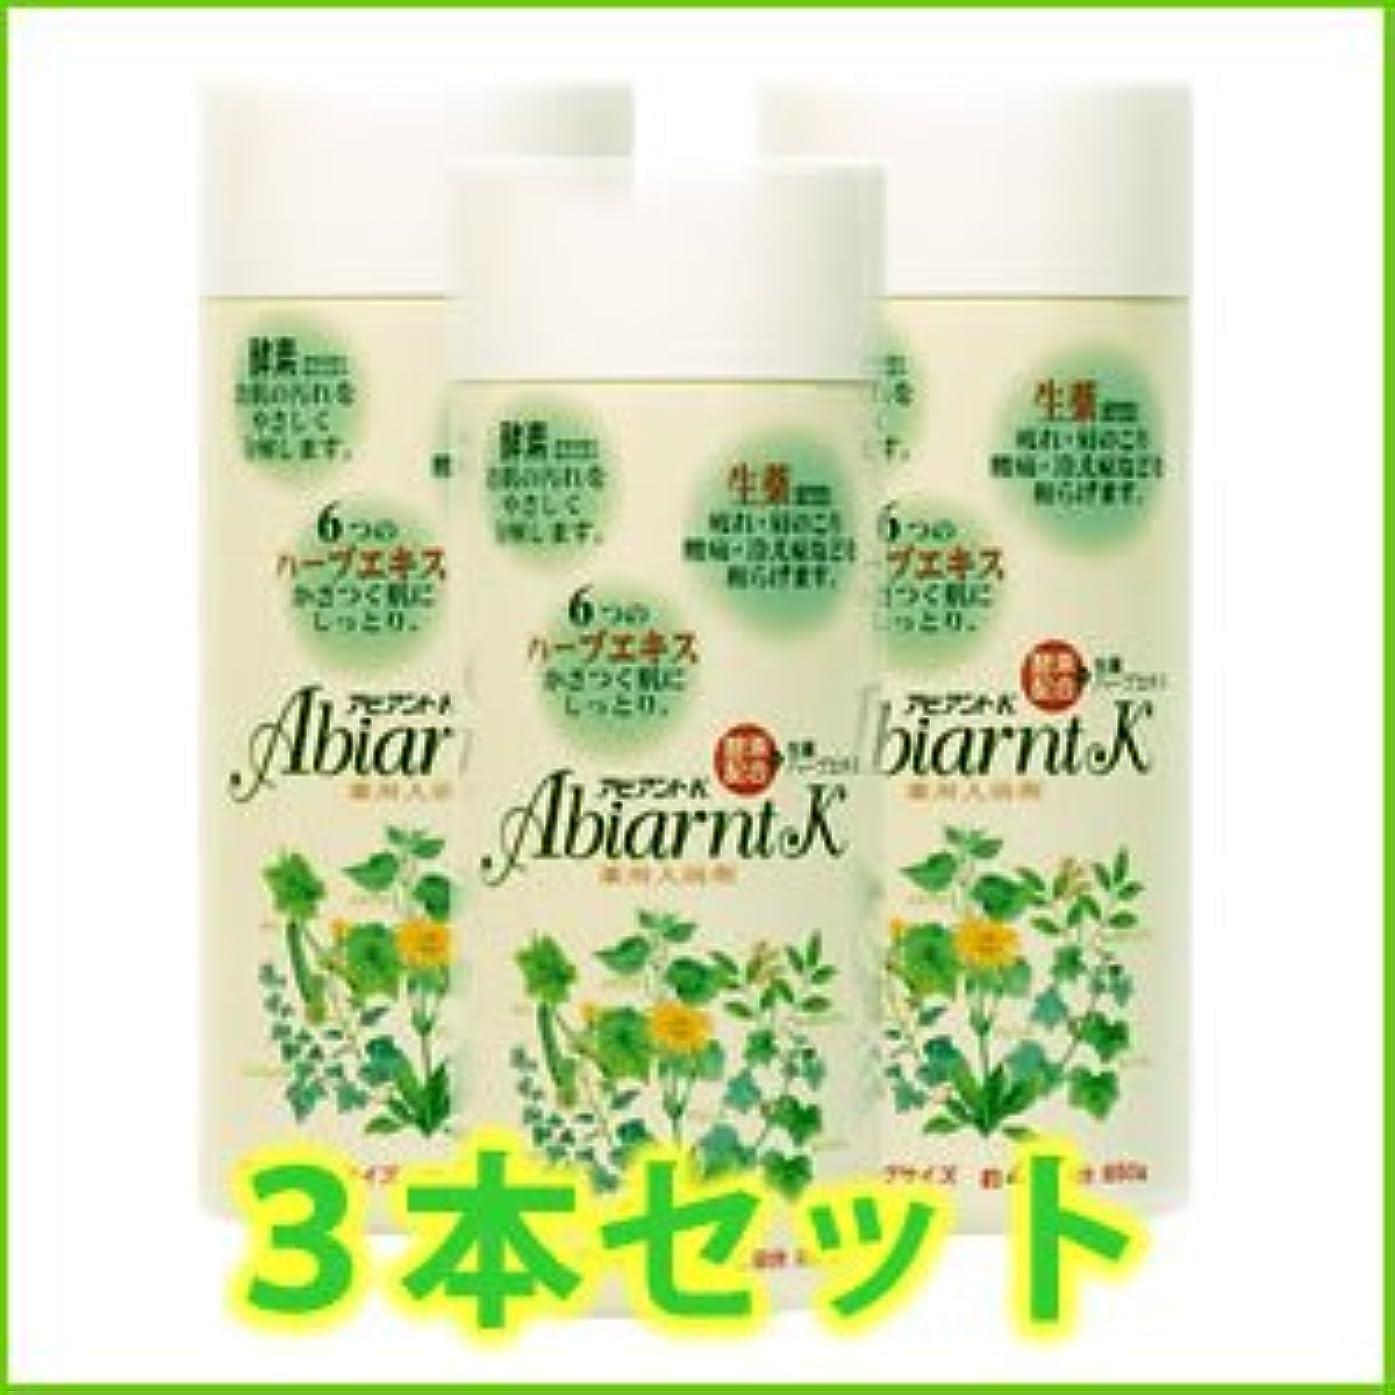 鏡固めるドリル薬用入浴剤 アビアントK 850g ×3